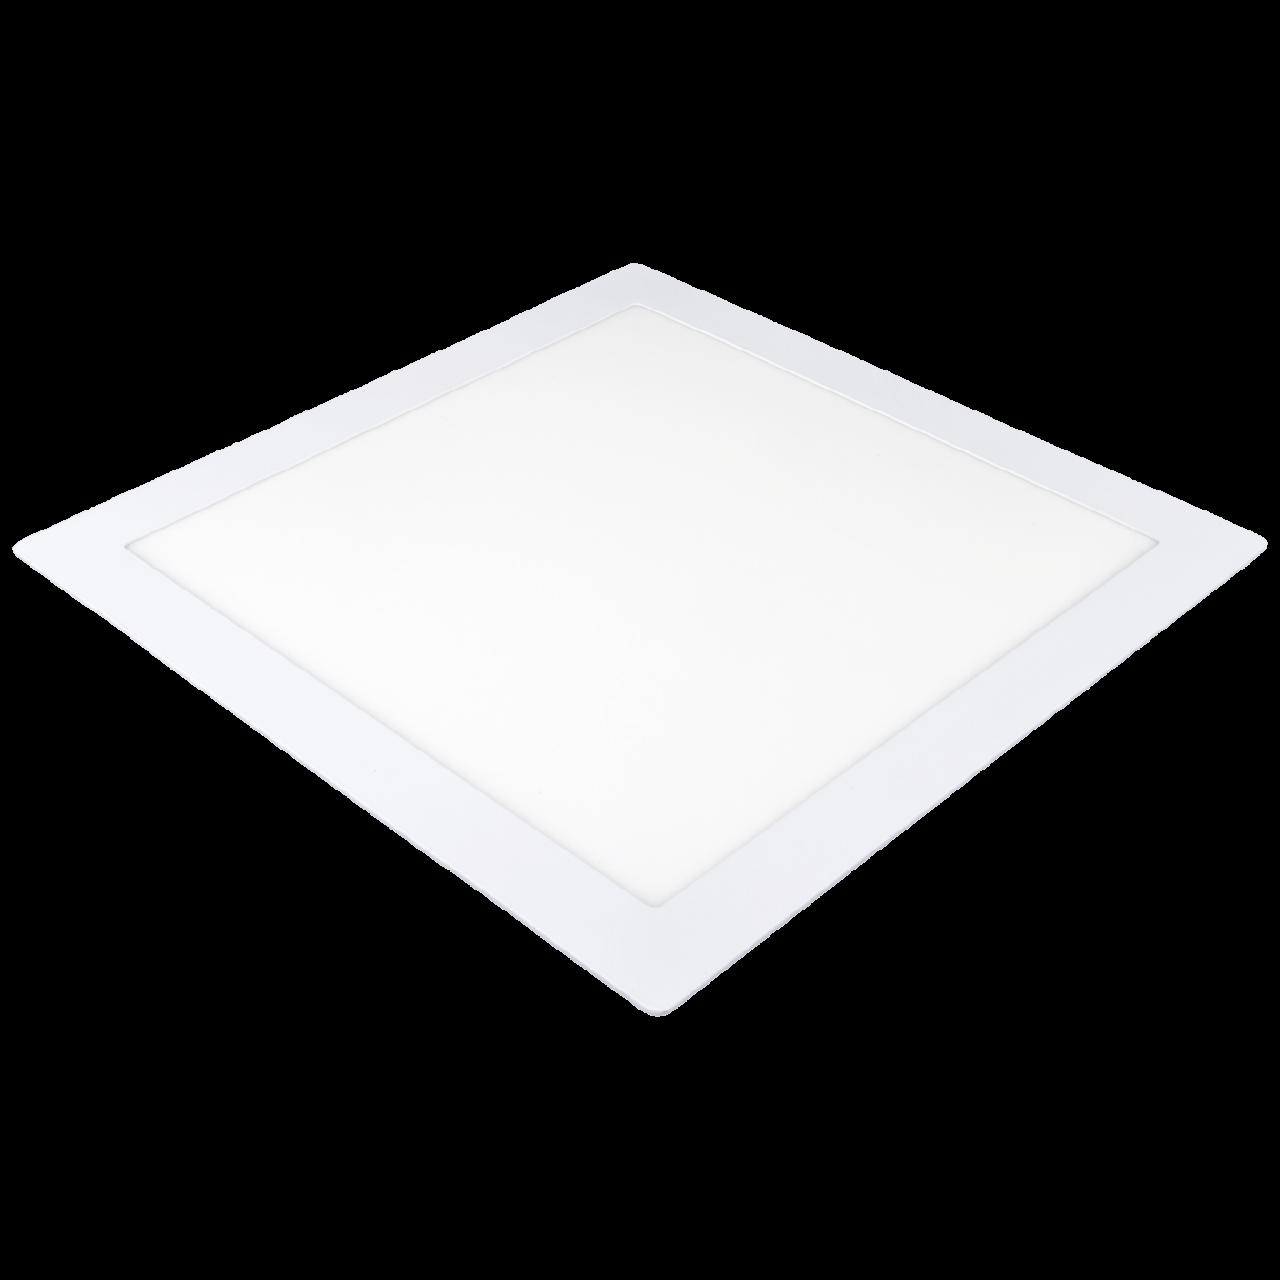 LED светильник Ilumia 24W 4000К нейтральный врезной (034)